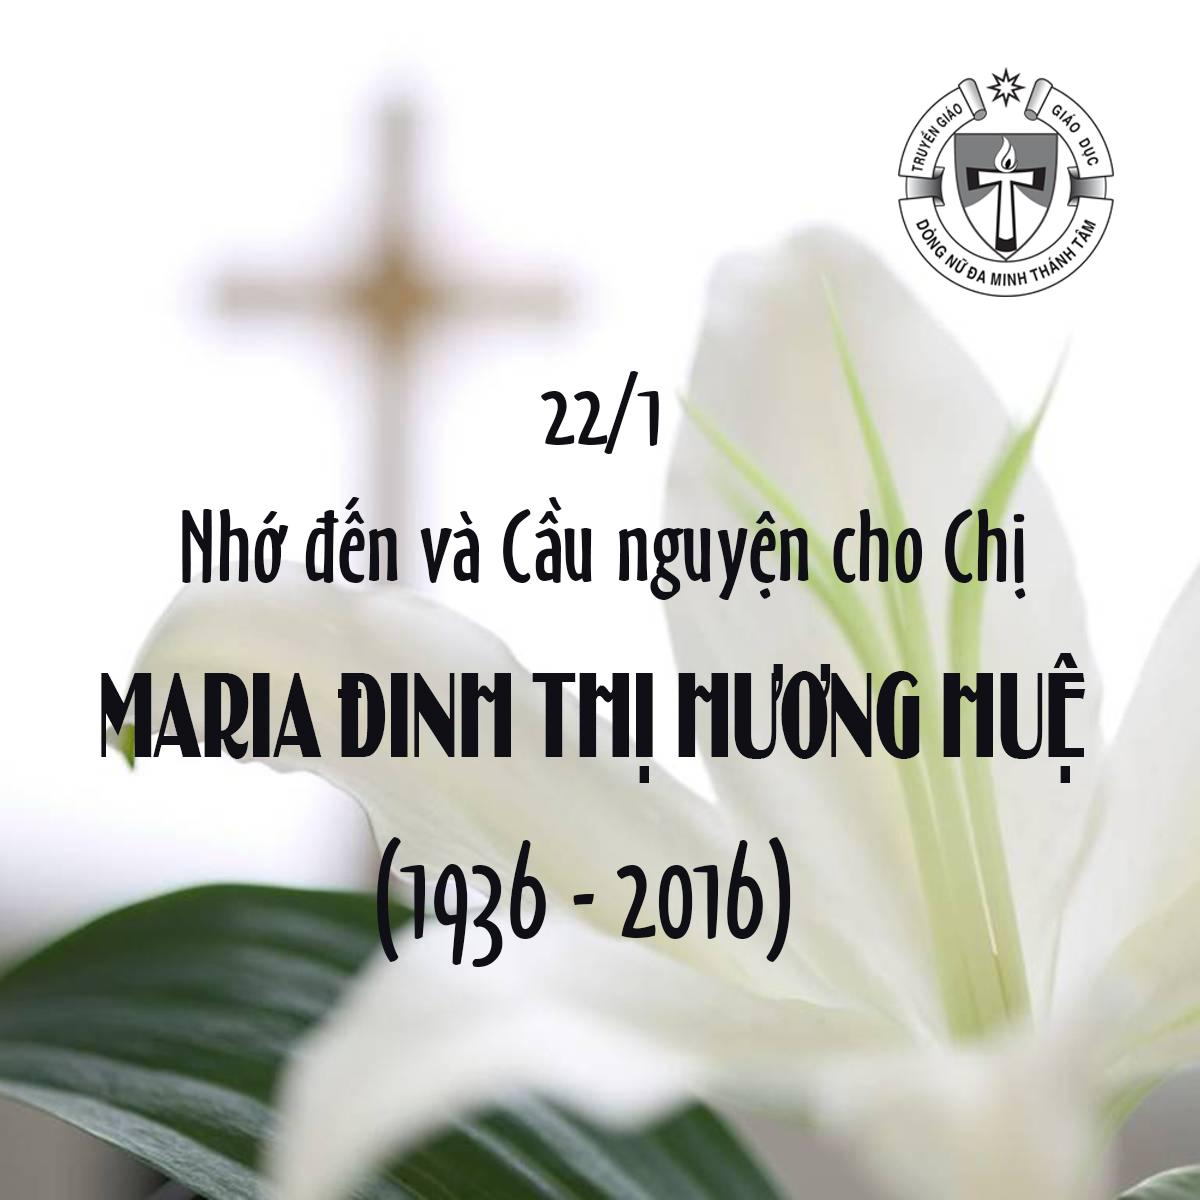 Giỗ CHỊ MARIA ĐINH THỊ HƯƠNG HUỆ